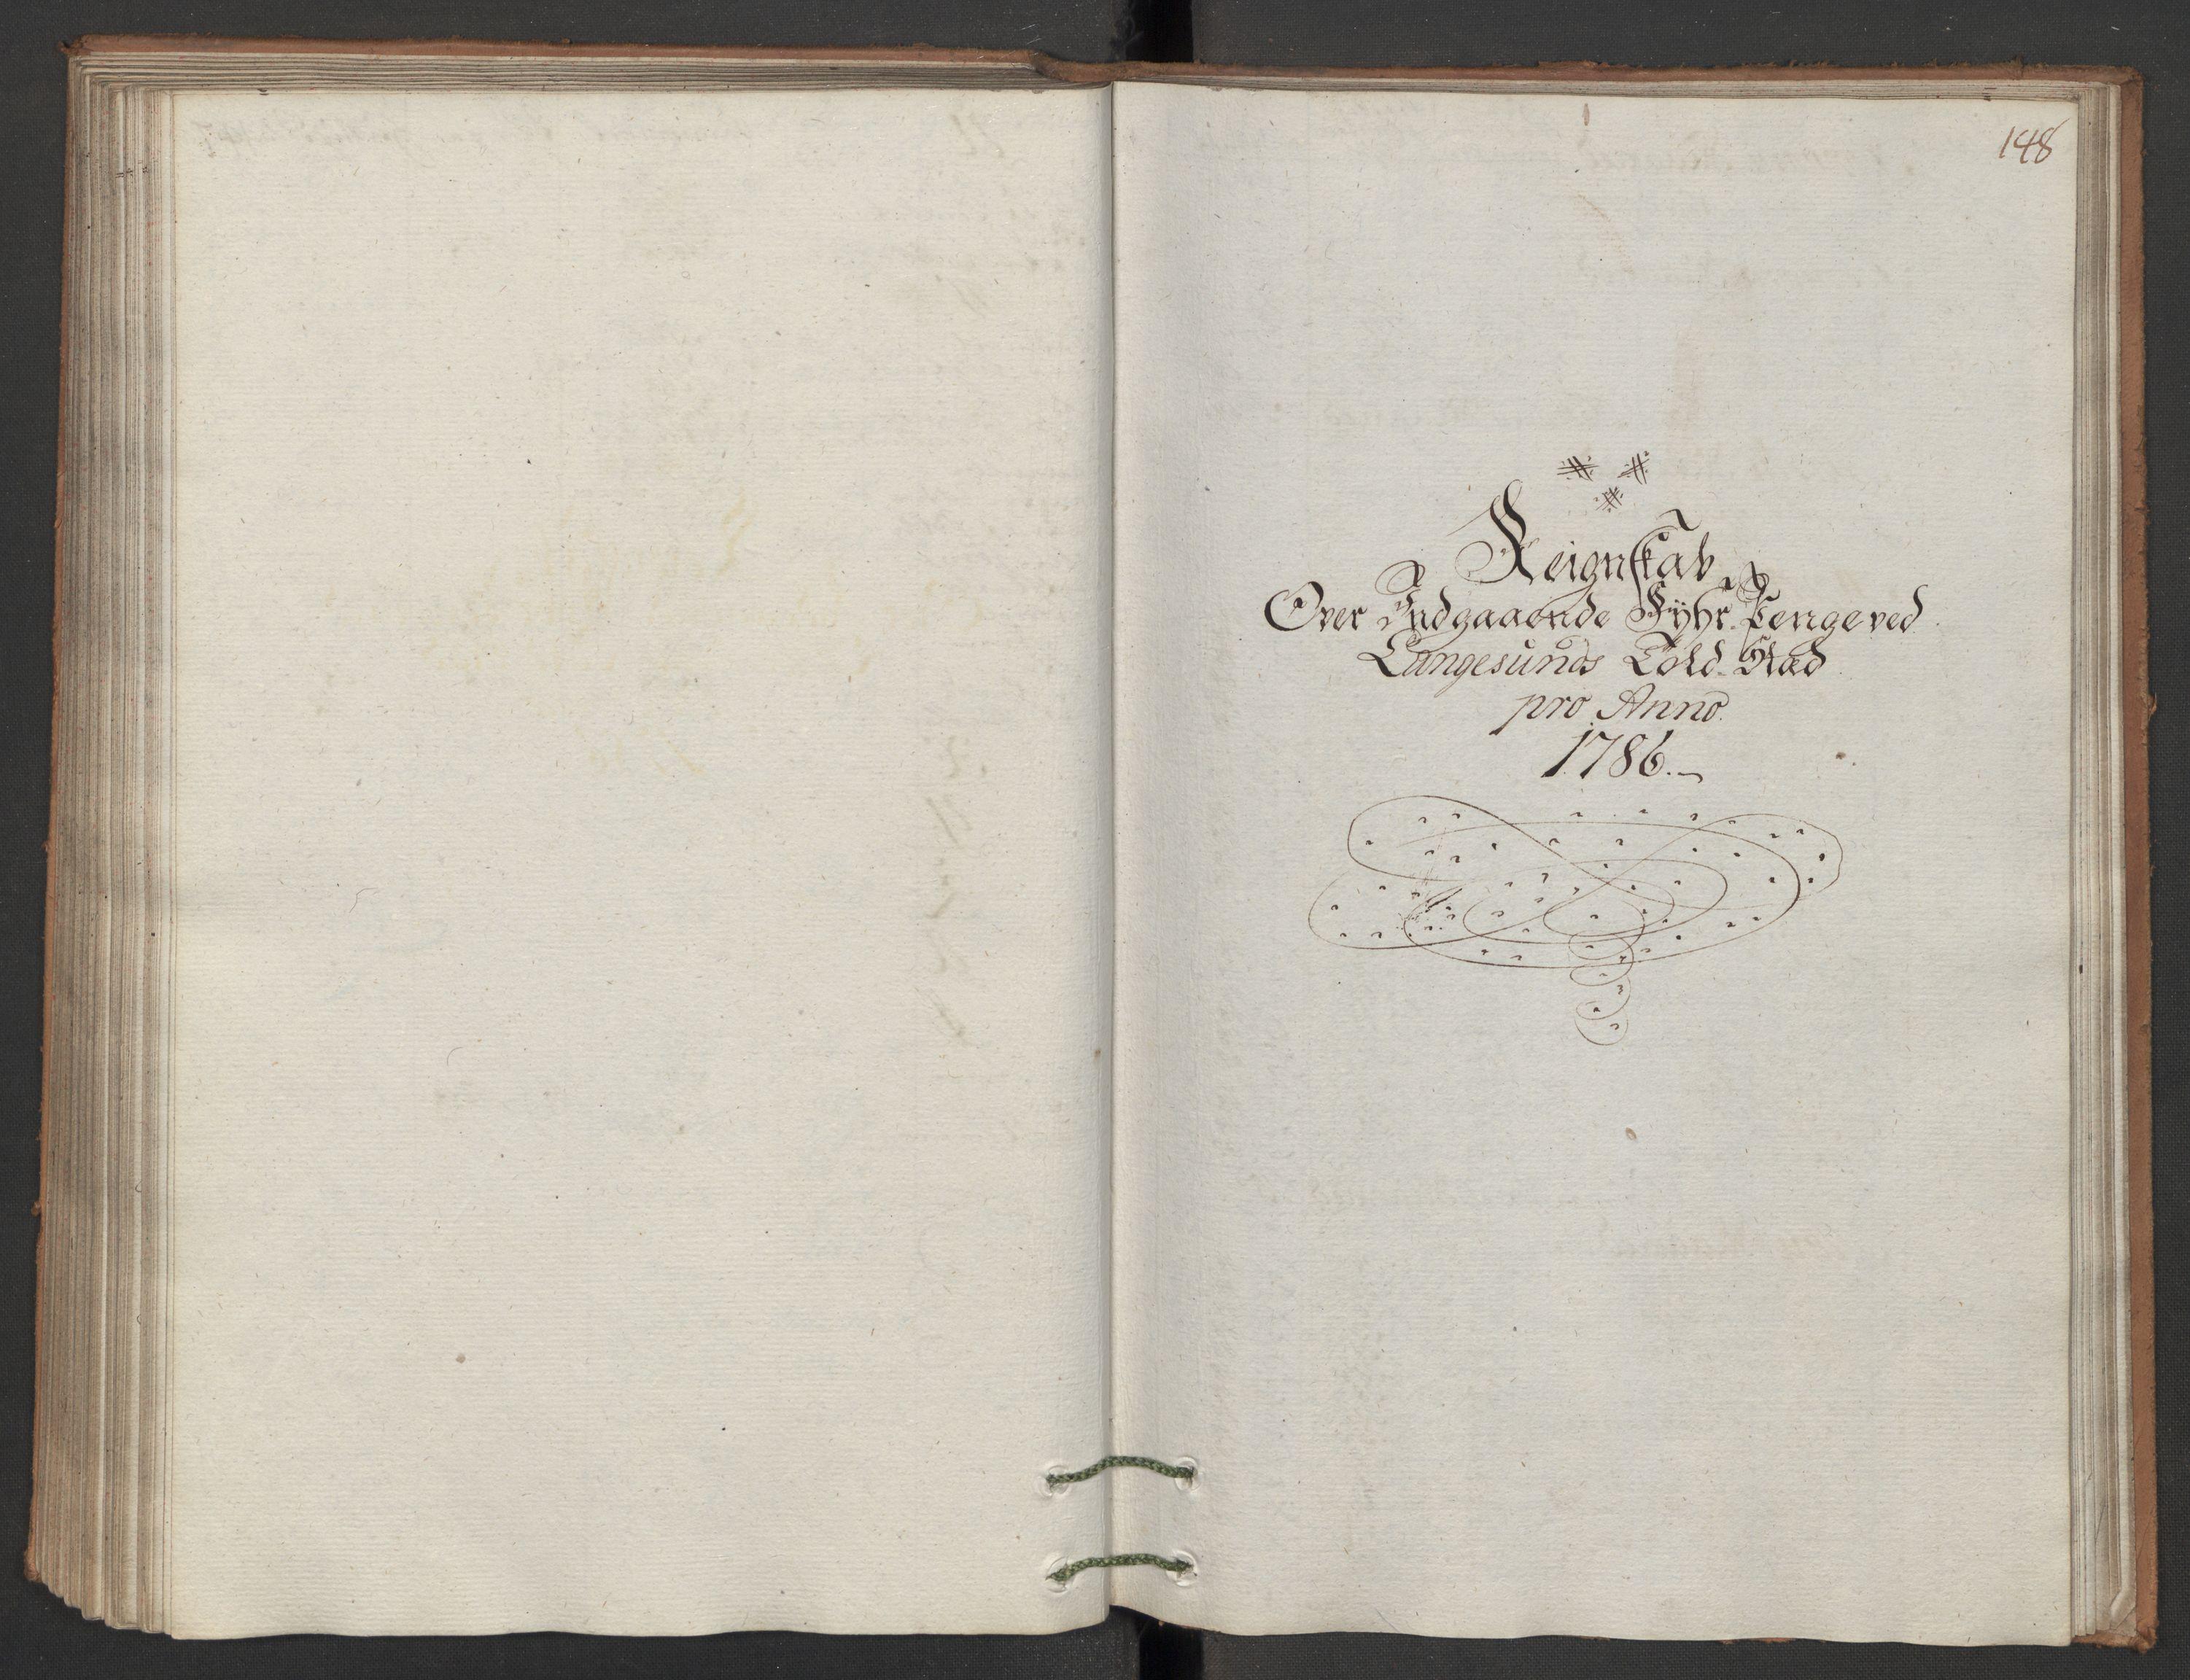 RA, Generaltollkammeret, tollregnskaper, R12/L0118: Tollregnskaper Langesund, 1786, p. 147b-148a